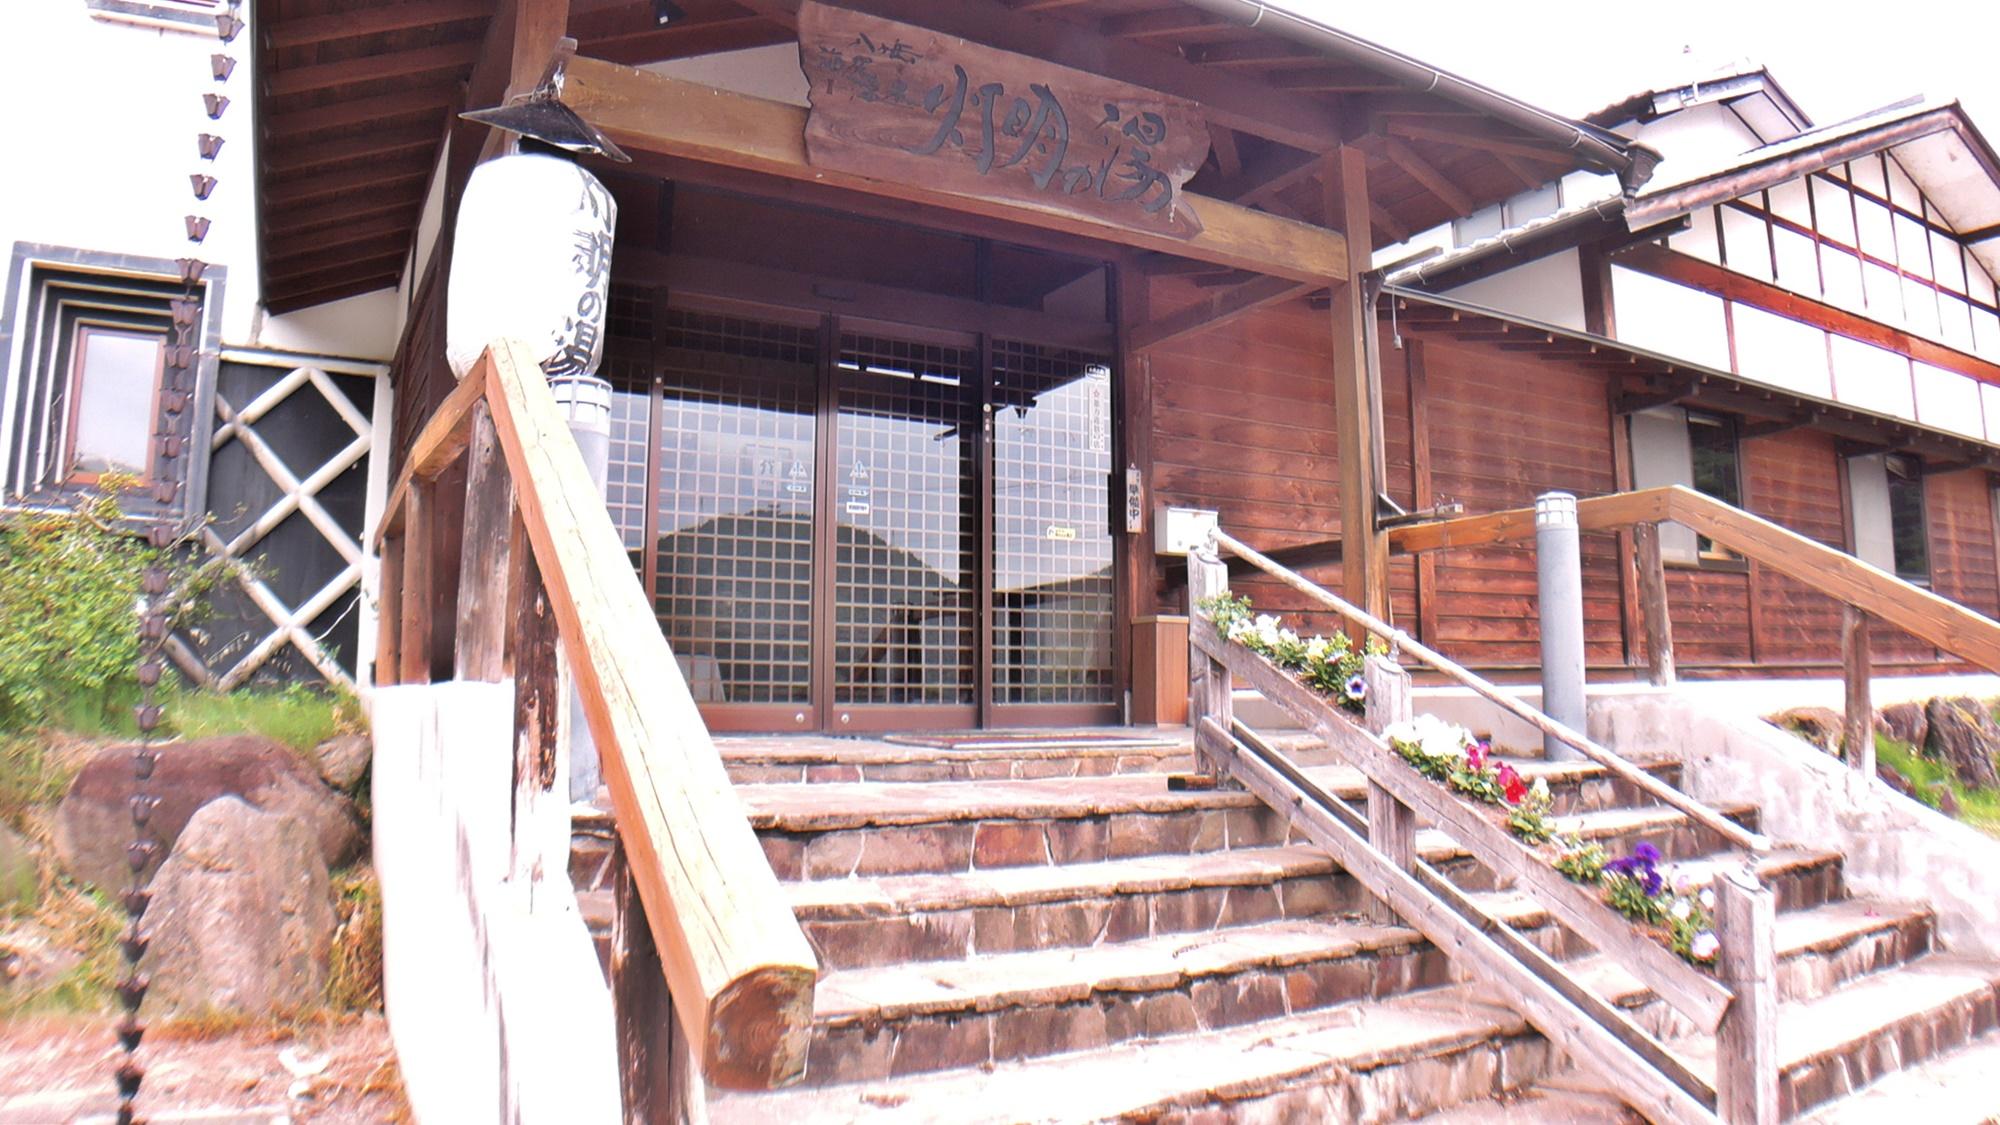 八ヶ岳海尻温泉 灯明の湯 image